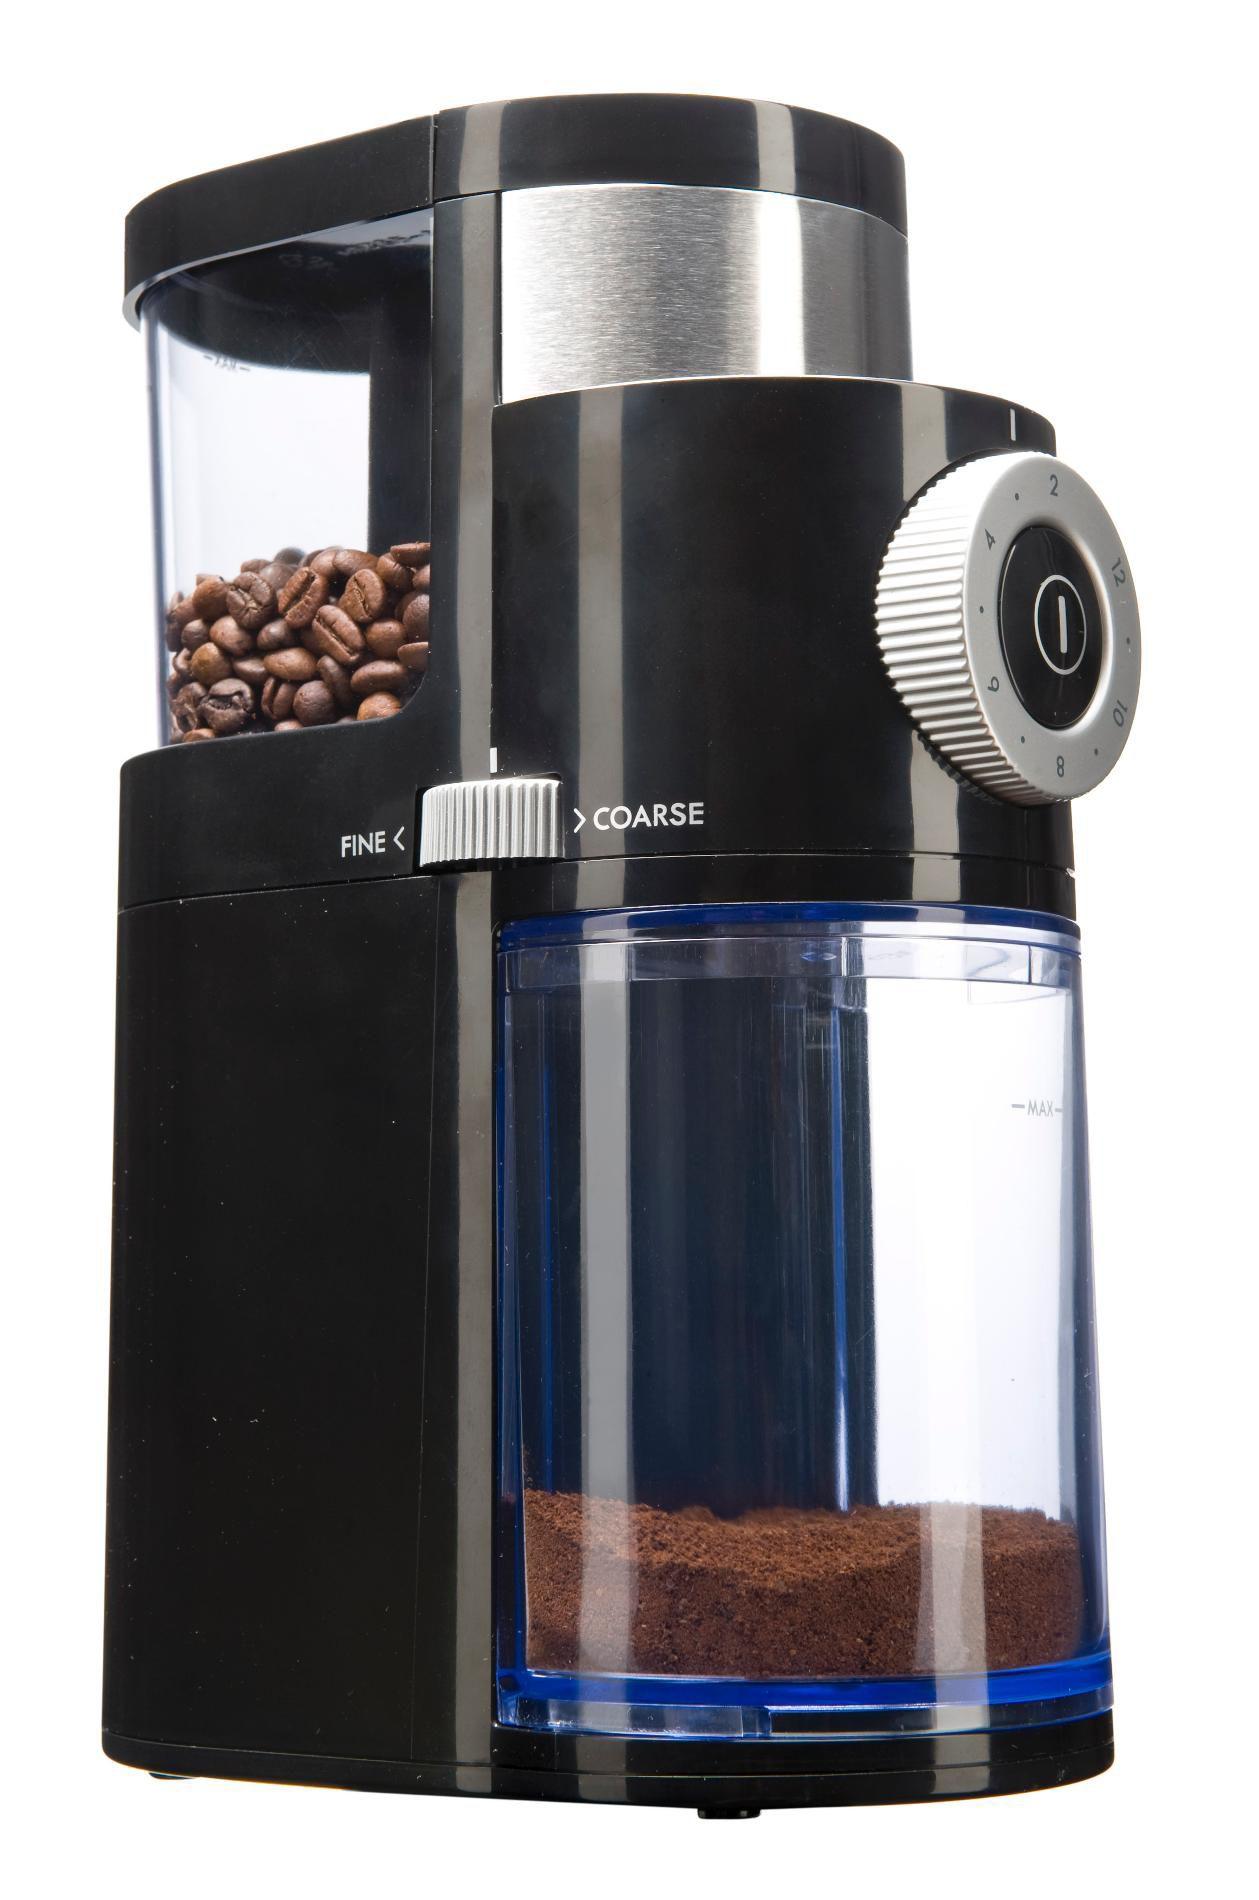 Kenmore Burr Coffee Grinder